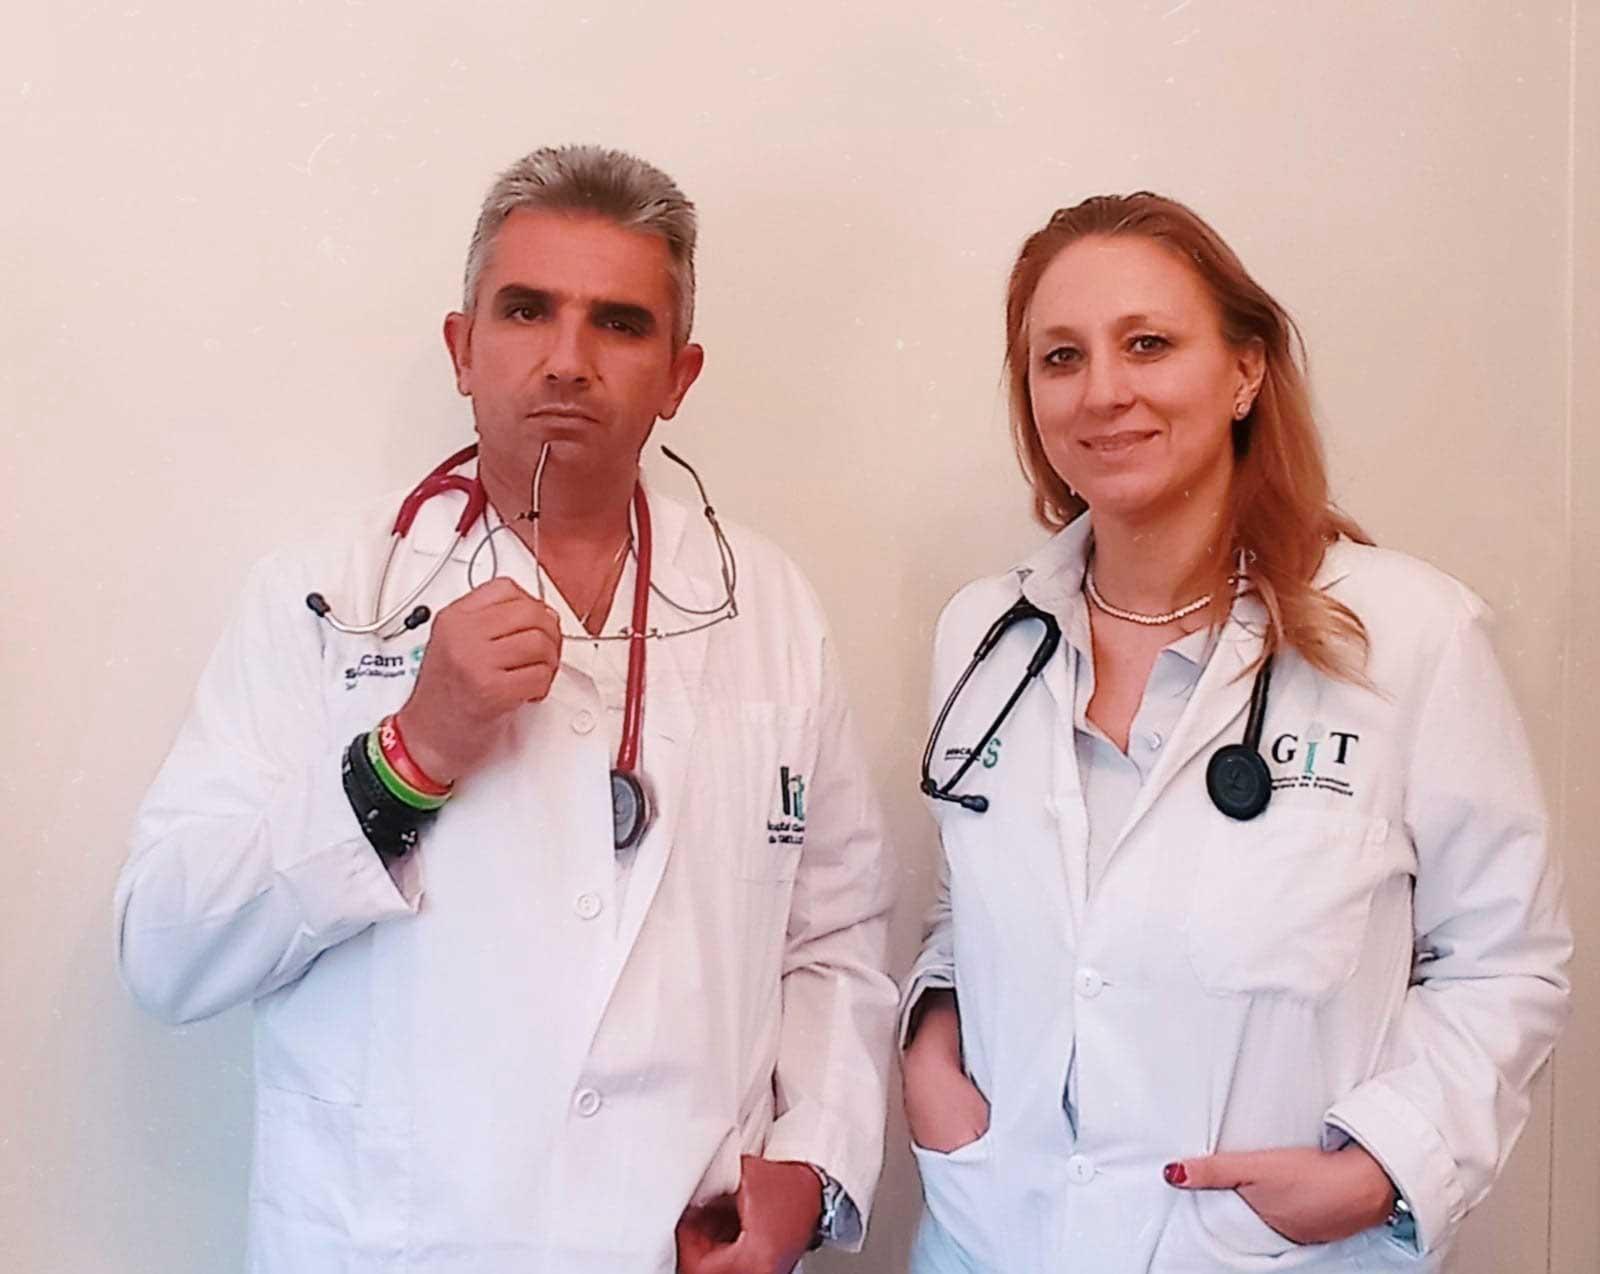 """VOX denuncia """"acoso político y laboral"""" por parte del SESCAM, a dos médicos militantes del partido en la localidad de Tomelloso"""